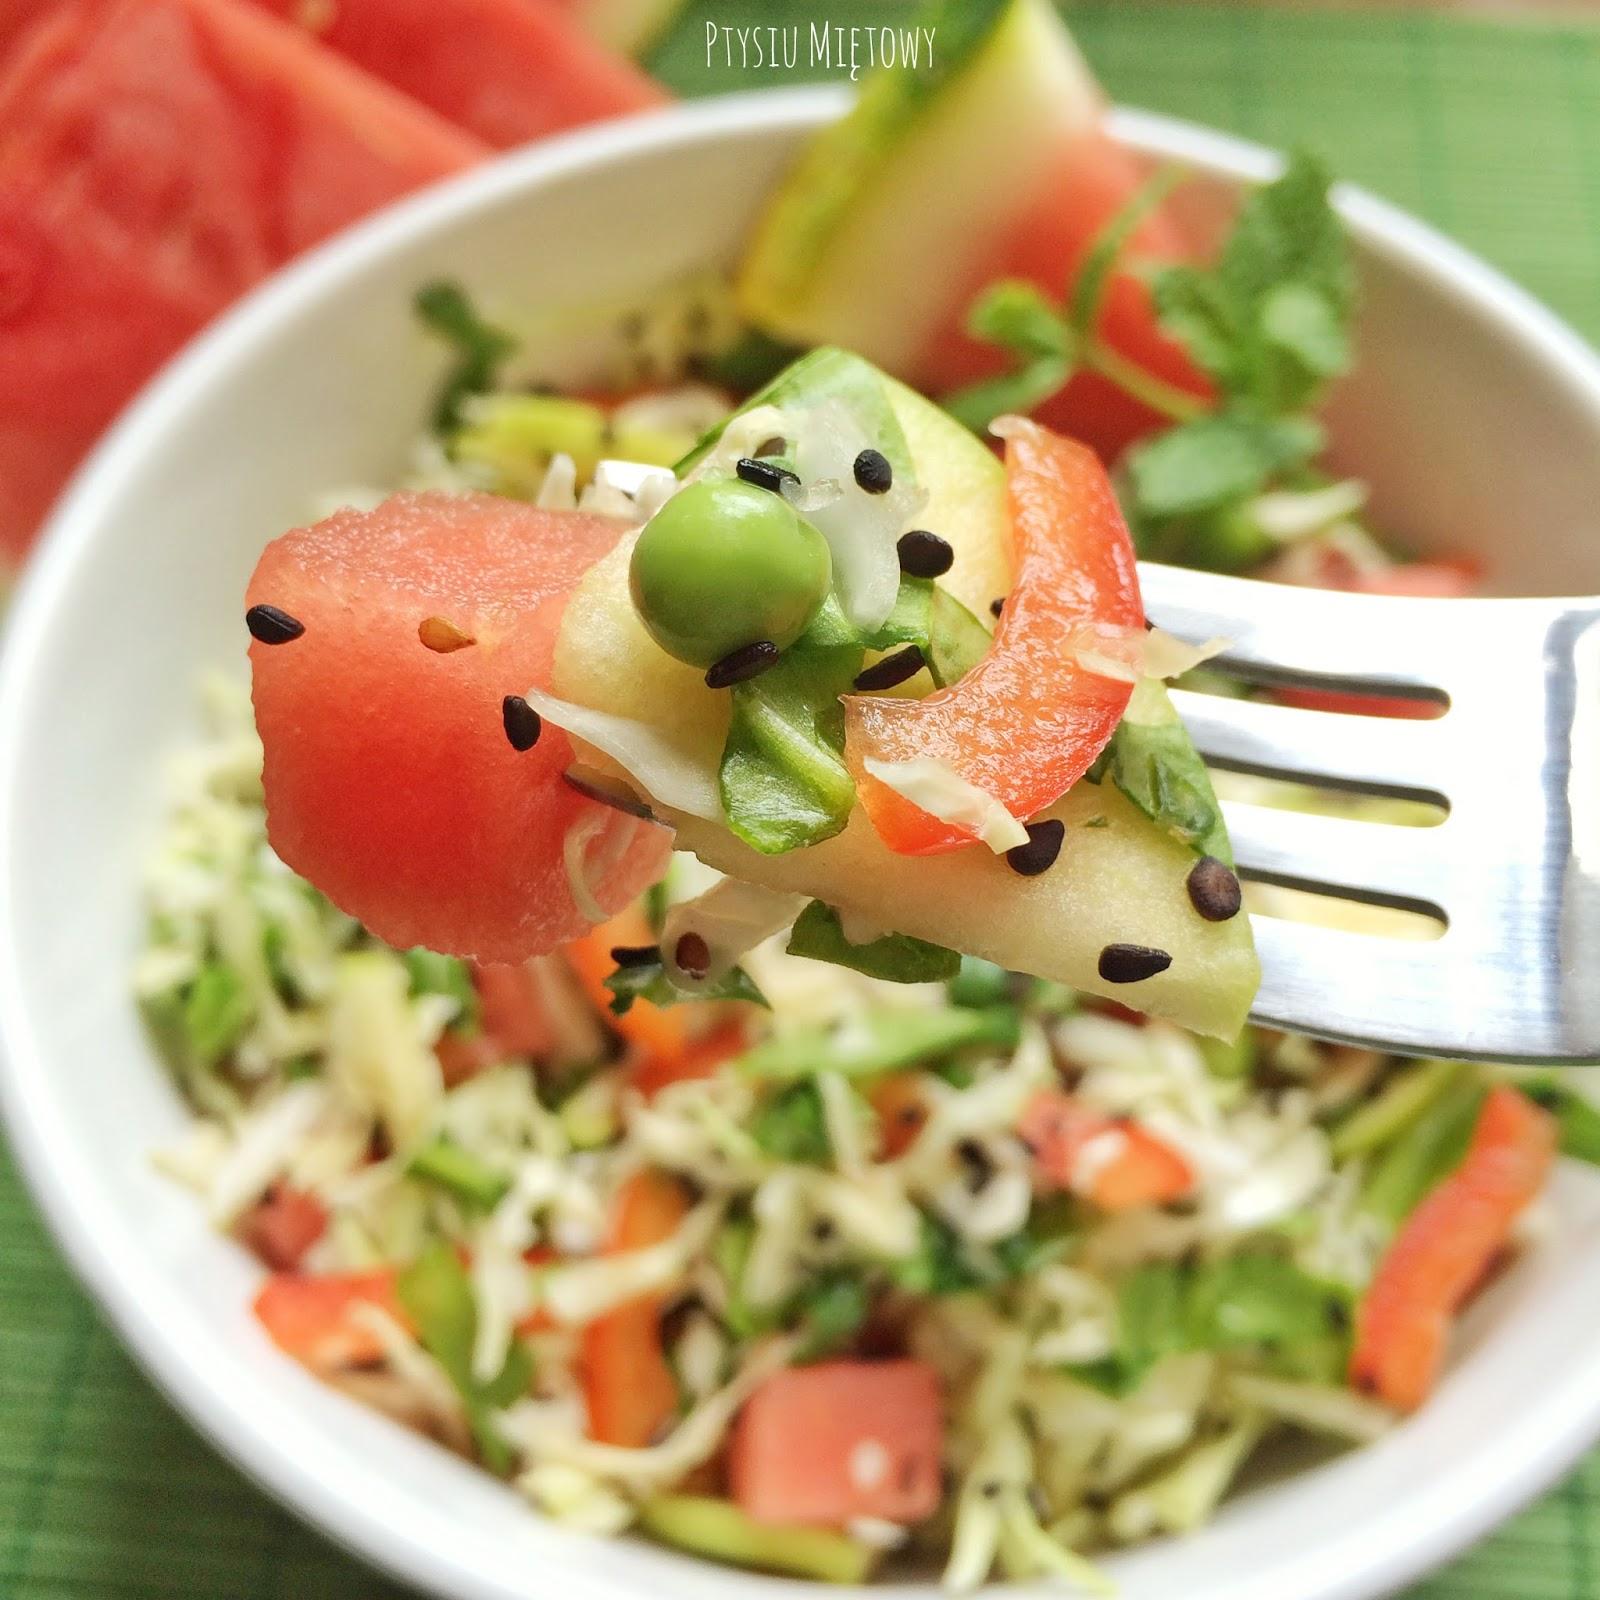 salatka, arbuz, ptysiu mietowy